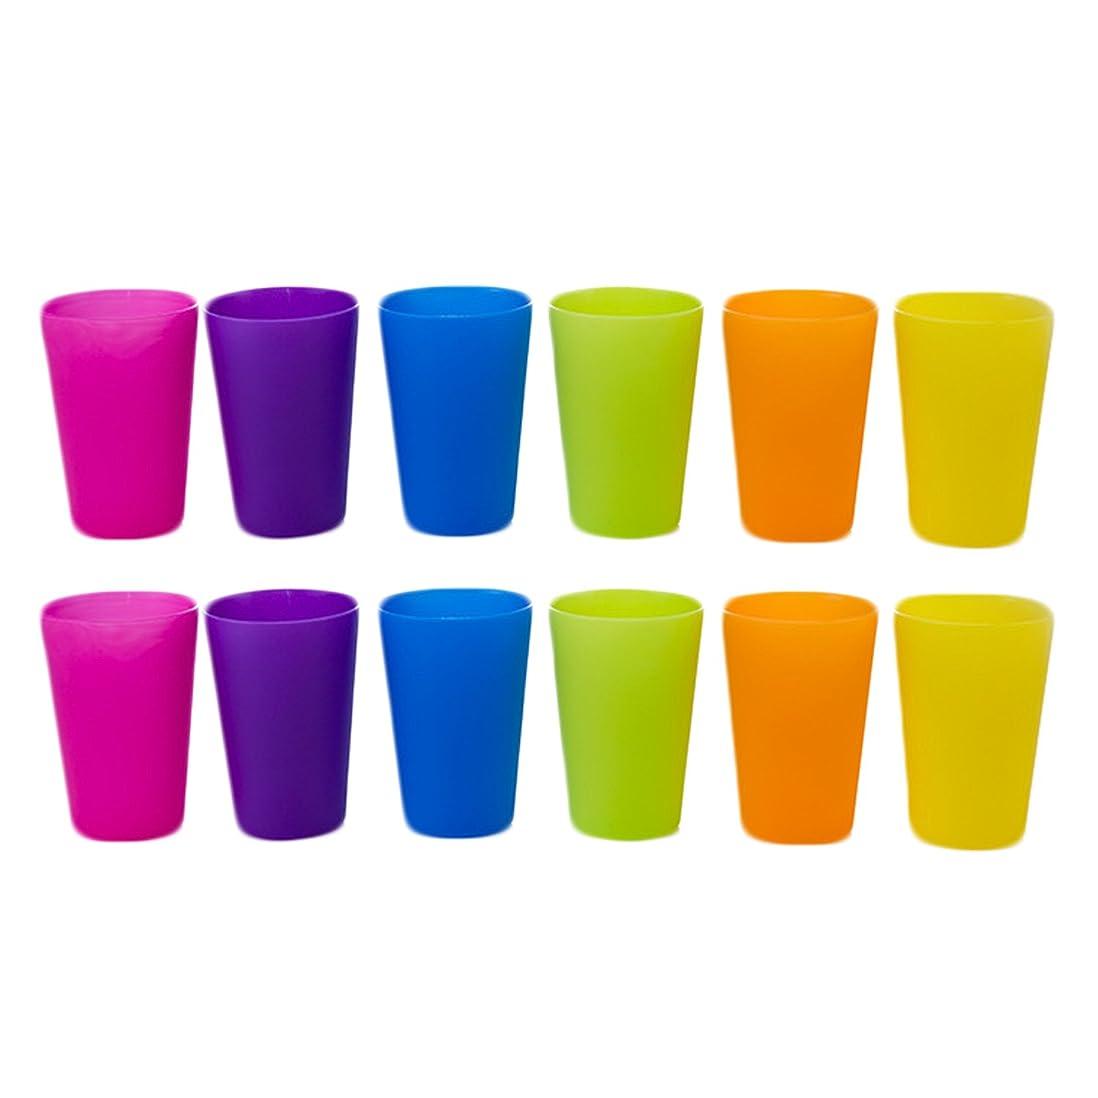 として眉をひそめるなぜならゴシレ Gosear 12個再利用可能なアンブレイカブルプラスチックコップ水ビールカップホームピクニックパーティープールビーチ260ml